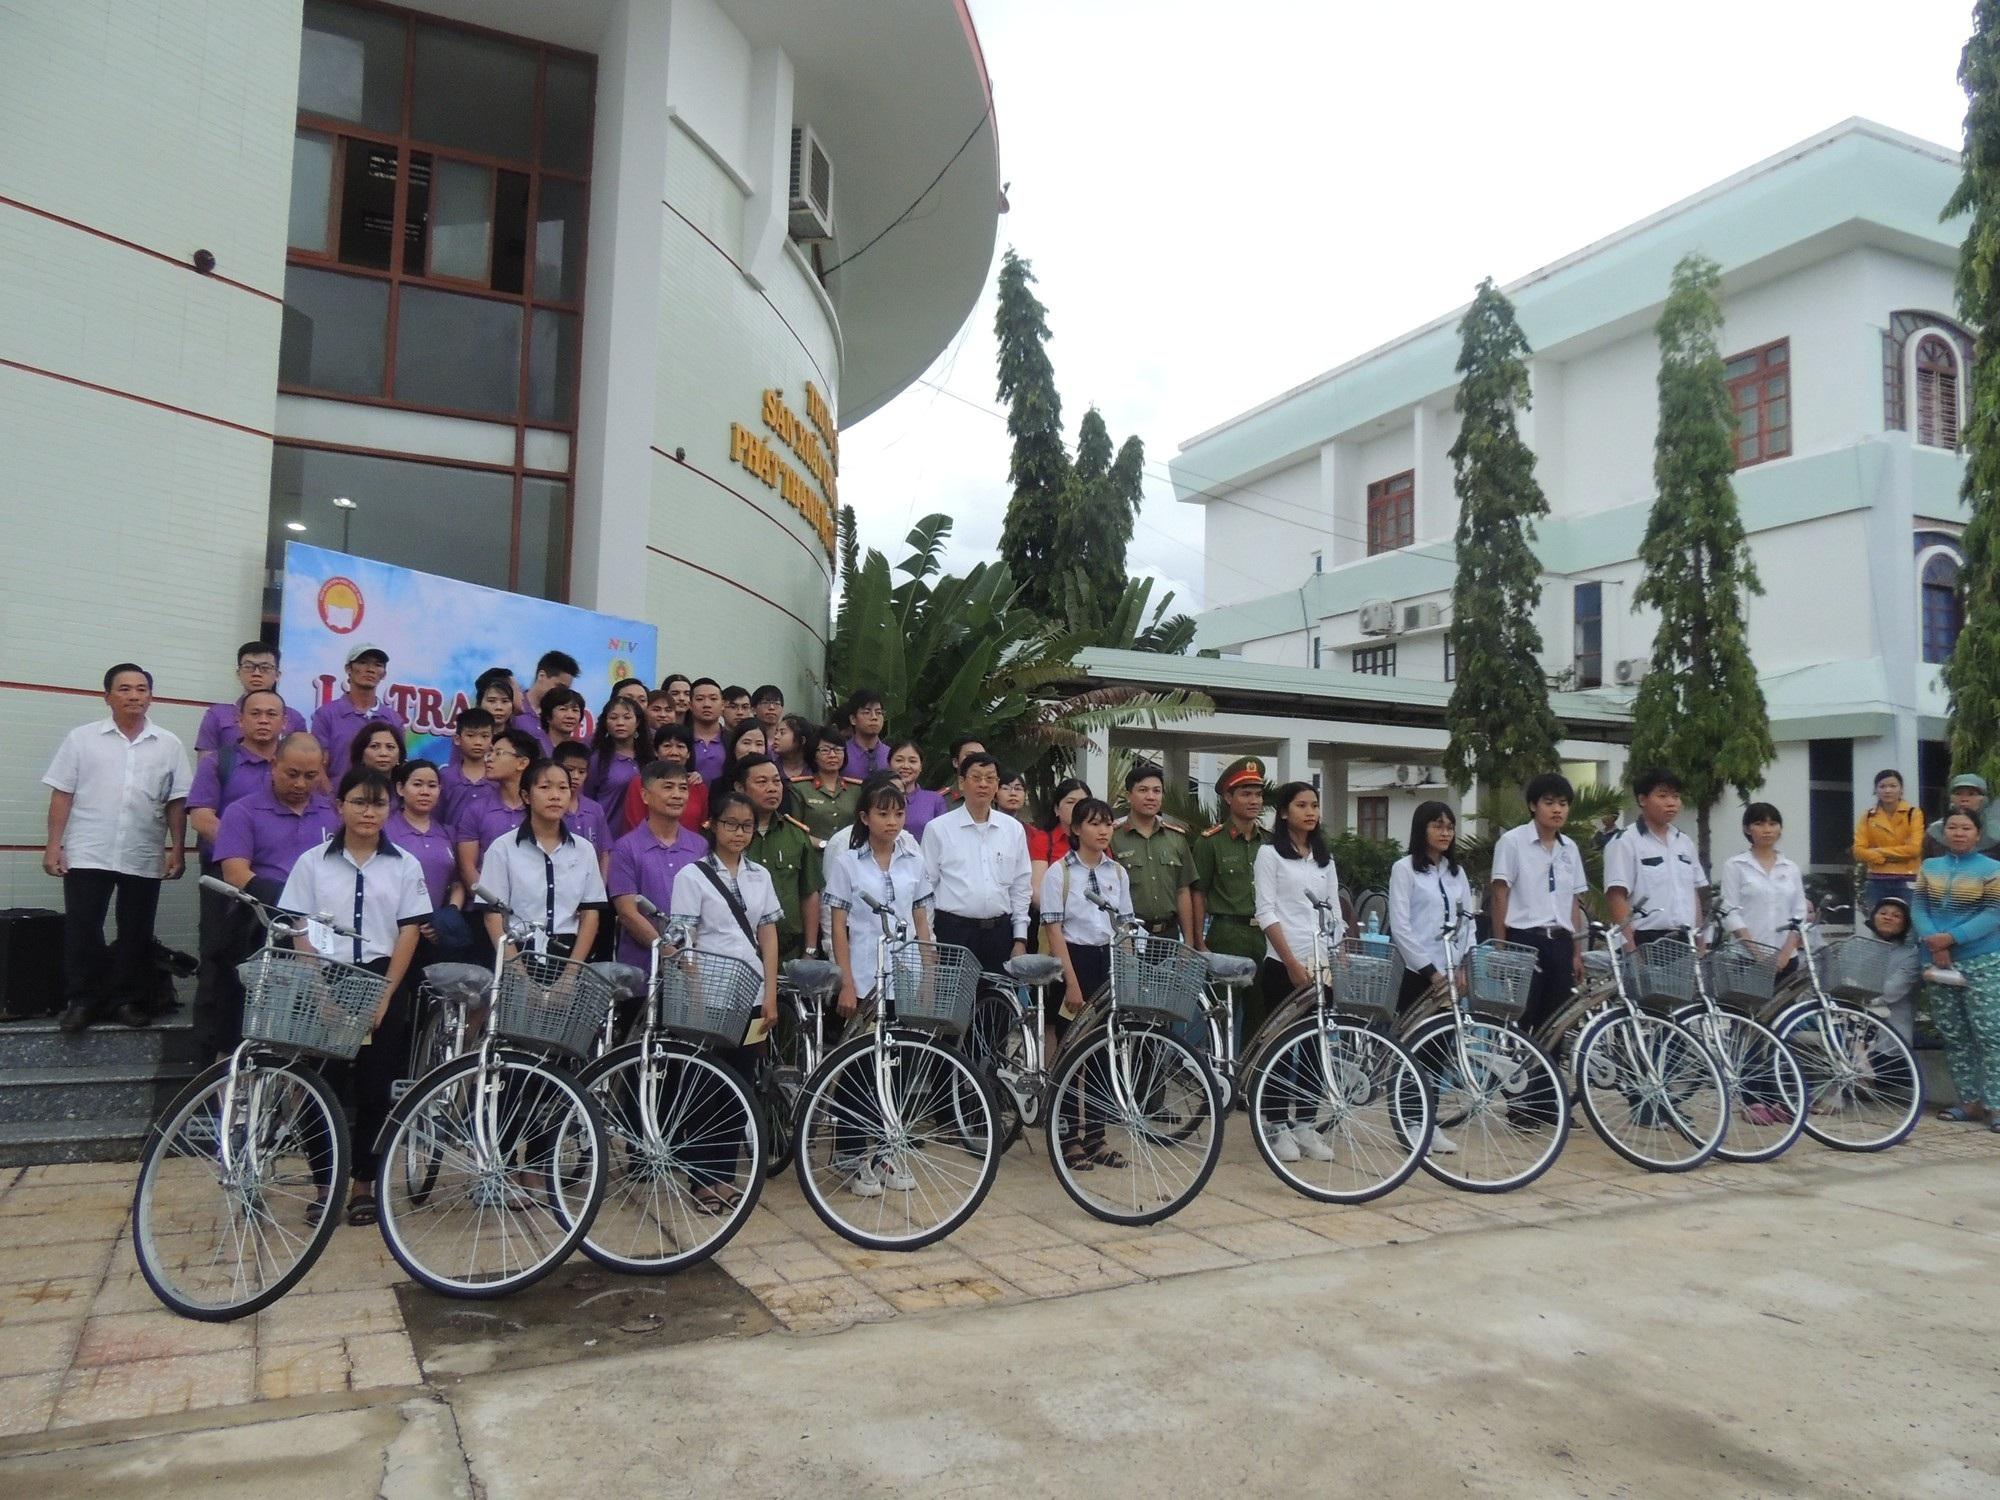 Hội Khuyến học tỉnh Ninh Thuận tặng xe đạp cho 208 học sinh nghèo - Ảnh 1.